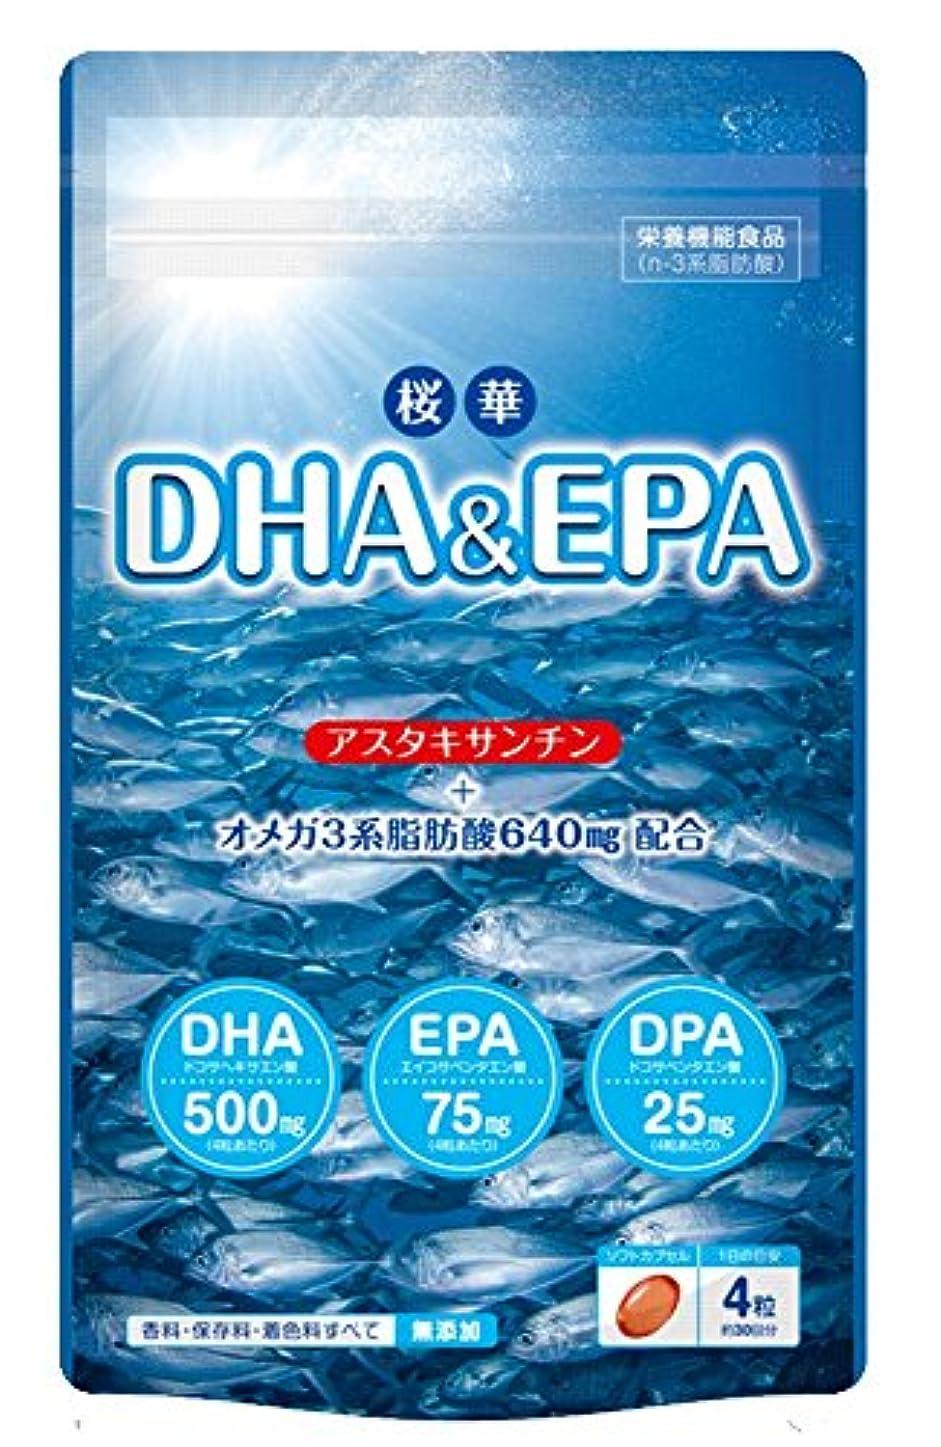 動脈高度媒染剤DHA&EPA(栄養機能食品)オメガ3系脂肪酸640mg配合+アスタキサンチン 香料?保存料?着色料すべて無添加 (120粒入り)送料無料